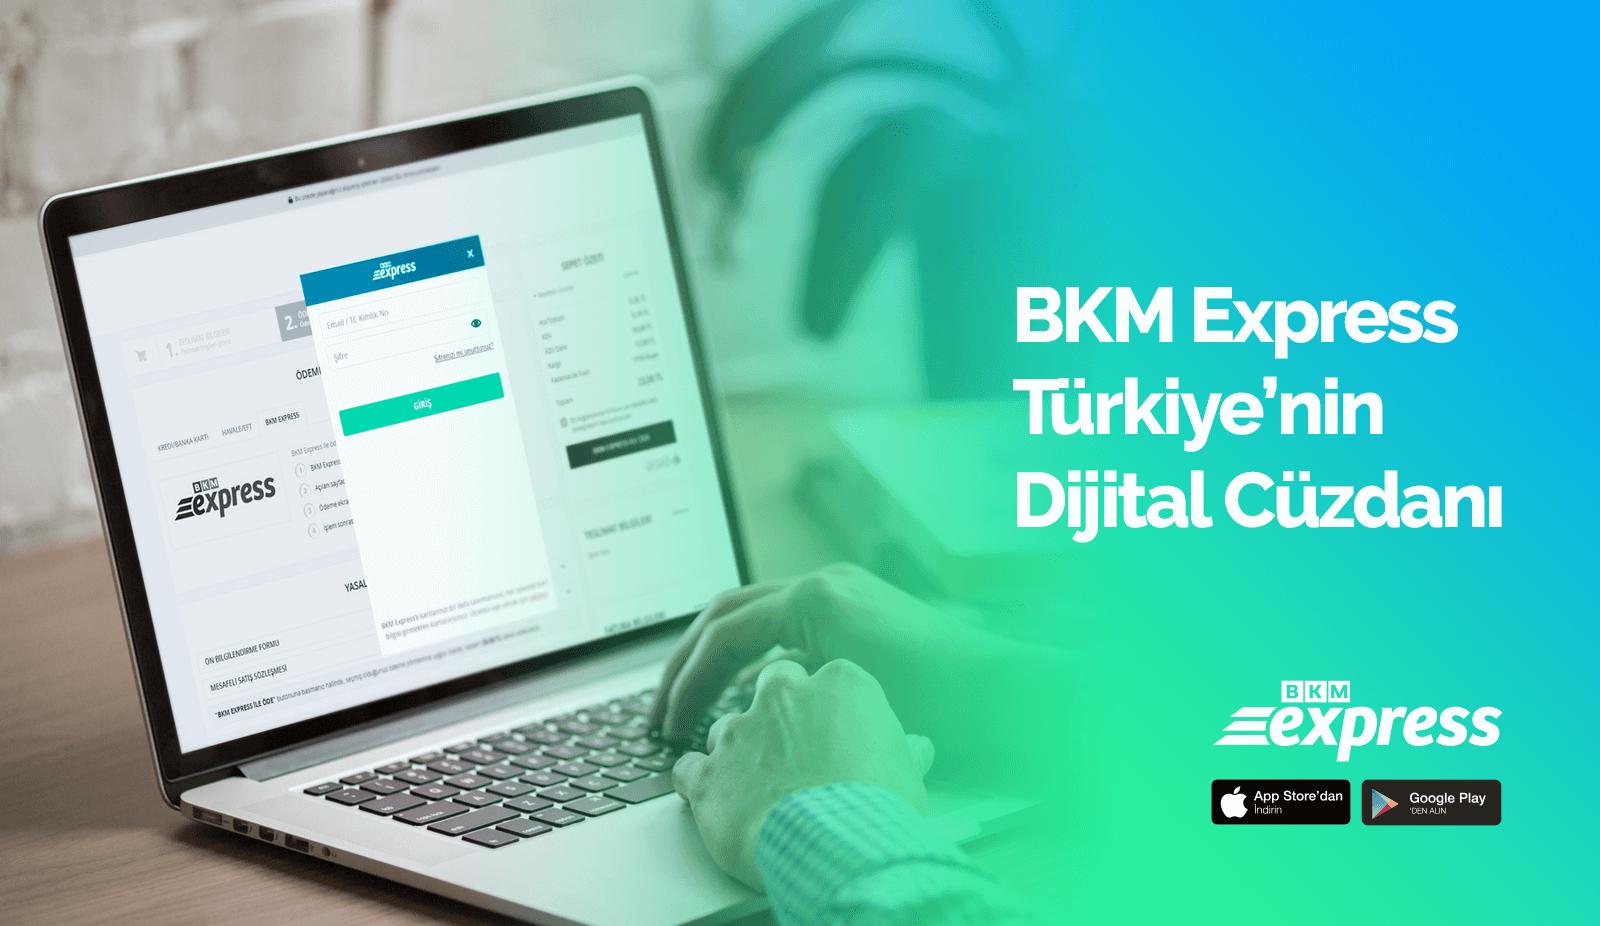 BKM Express Logo